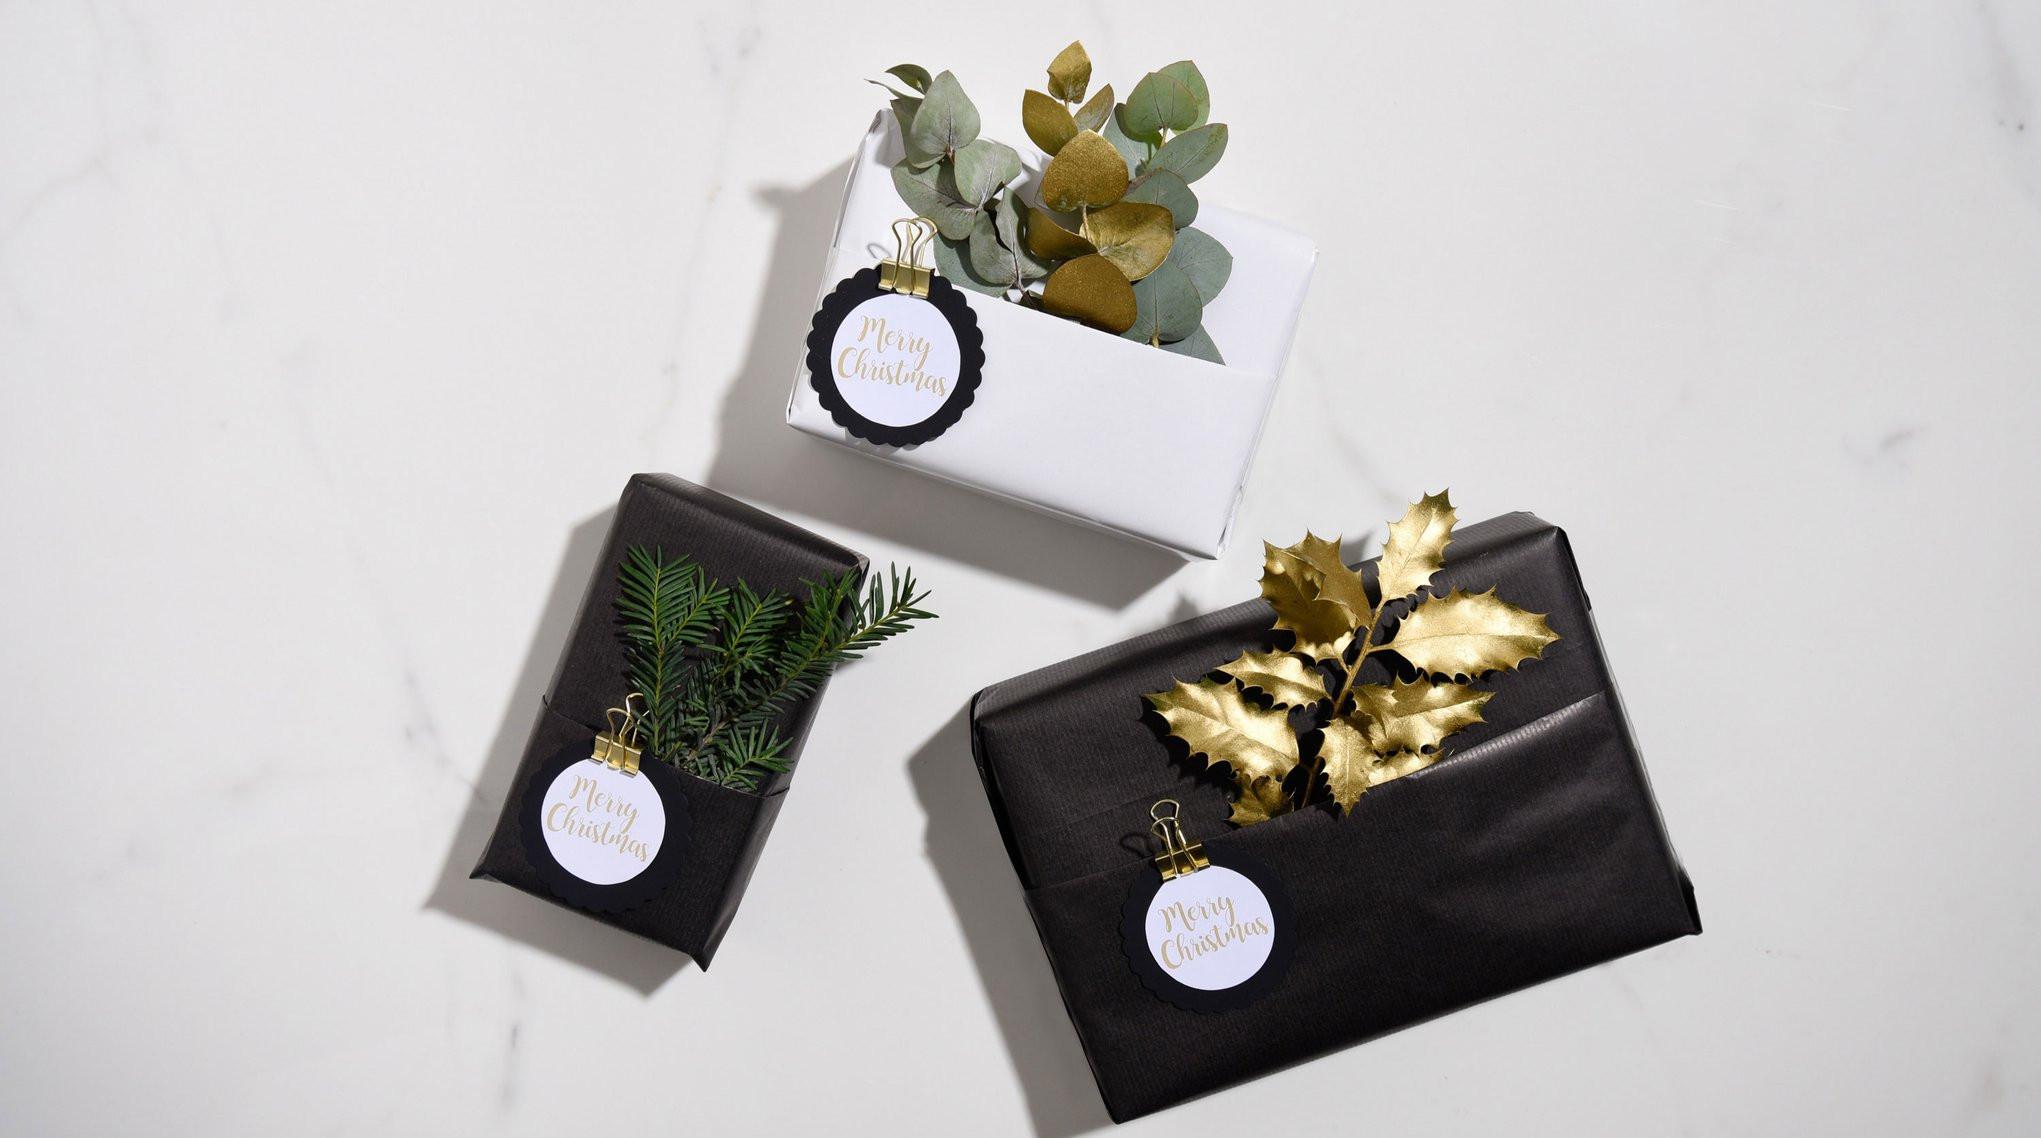 Die Schönsten Geschenke Kann Man Nicht In Geschenkpapier Einpacken  Weihnachtsgeschenke verpacken Das sind schönsten Ideen